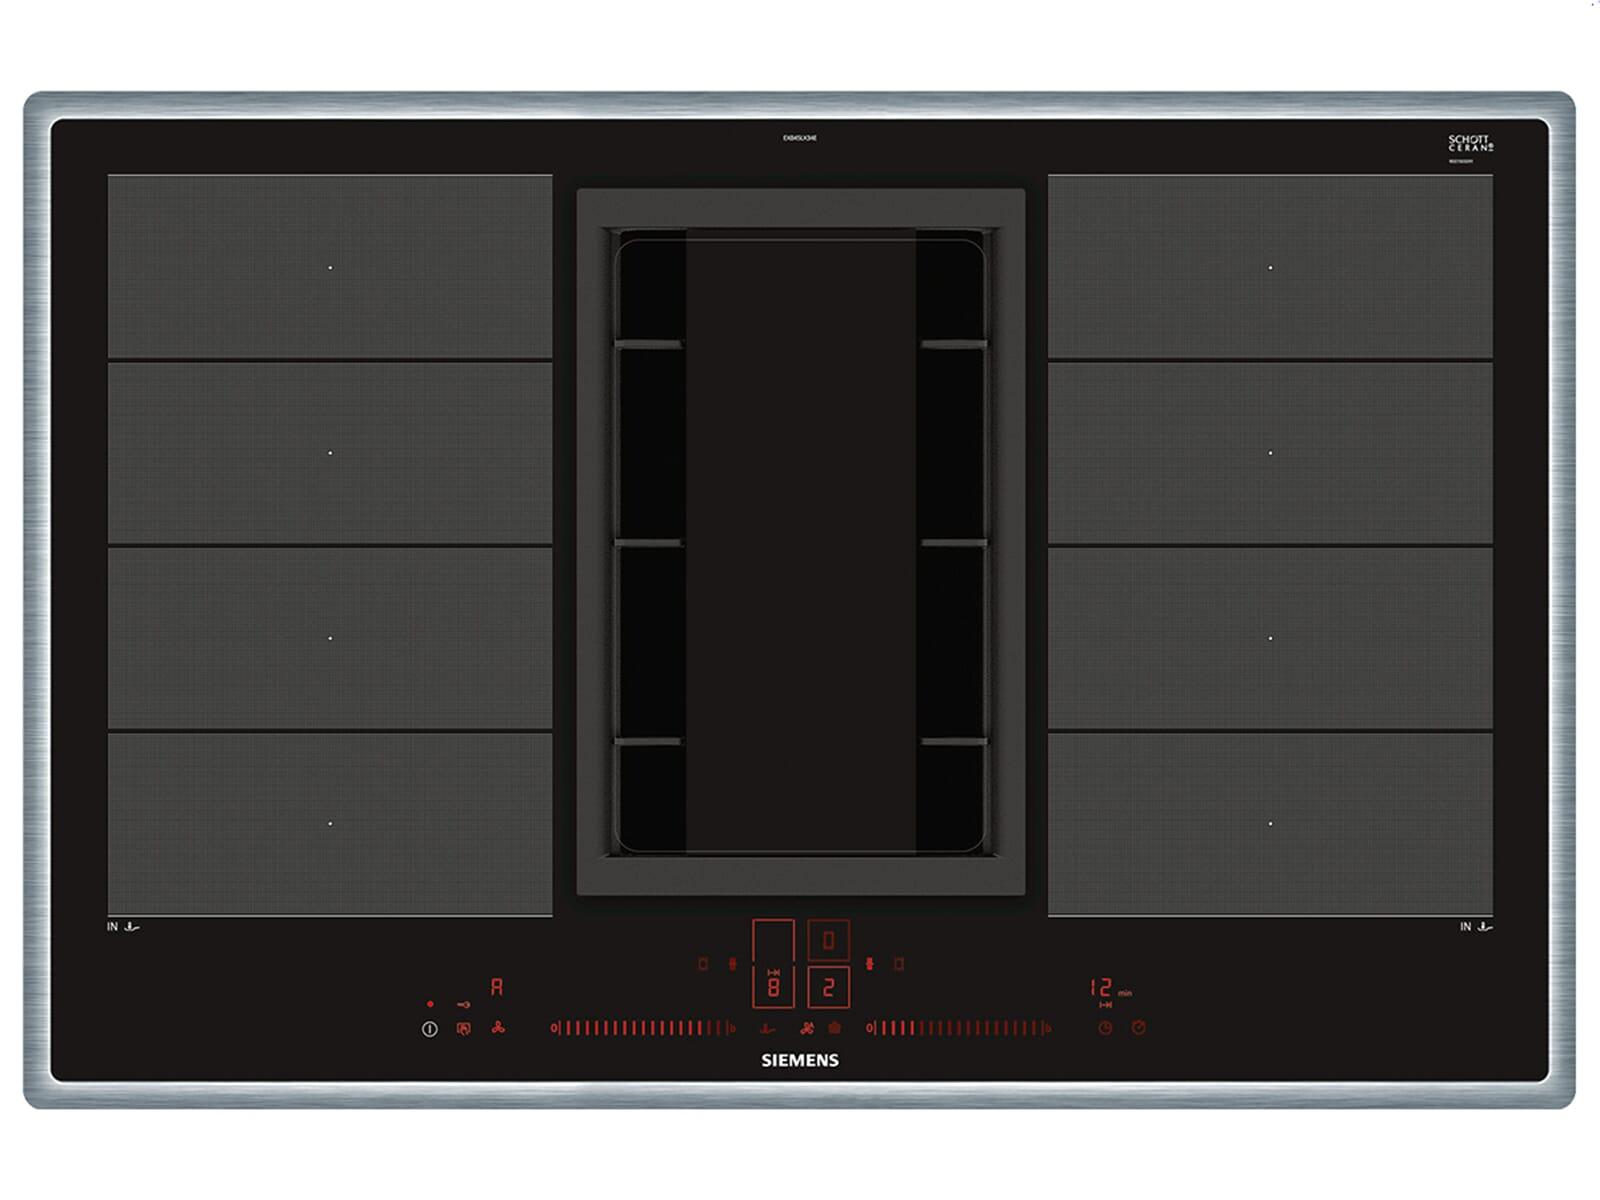 siemens ex845lx34e preisvergleich kochfeld g nstig kaufen bei. Black Bedroom Furniture Sets. Home Design Ideas